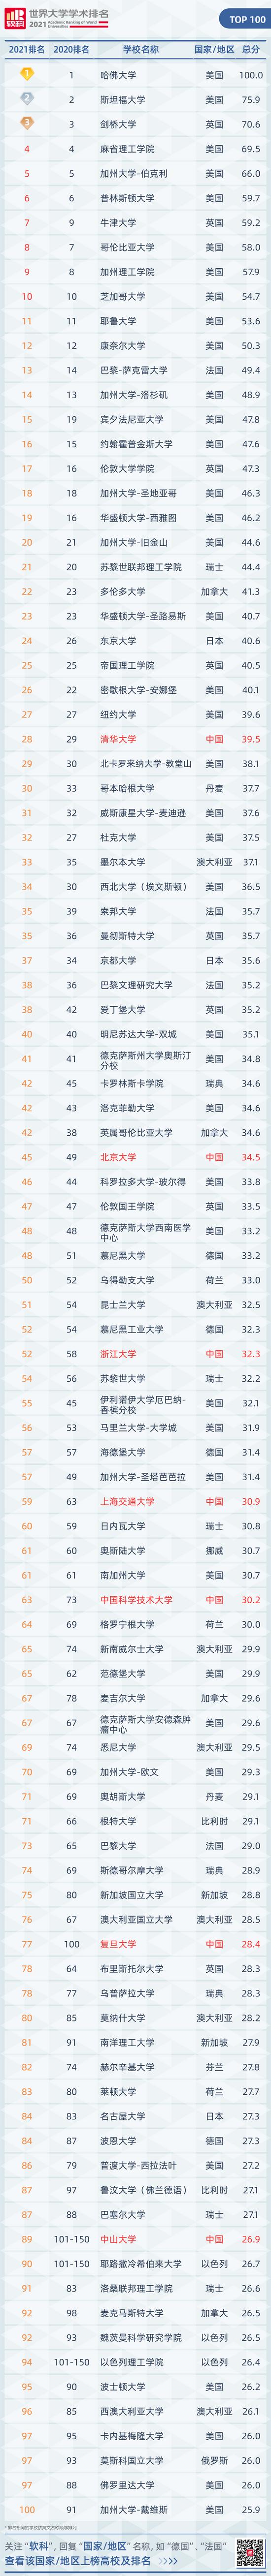 注:排名或排名区间相同的大学按英文校名字母顺序排列